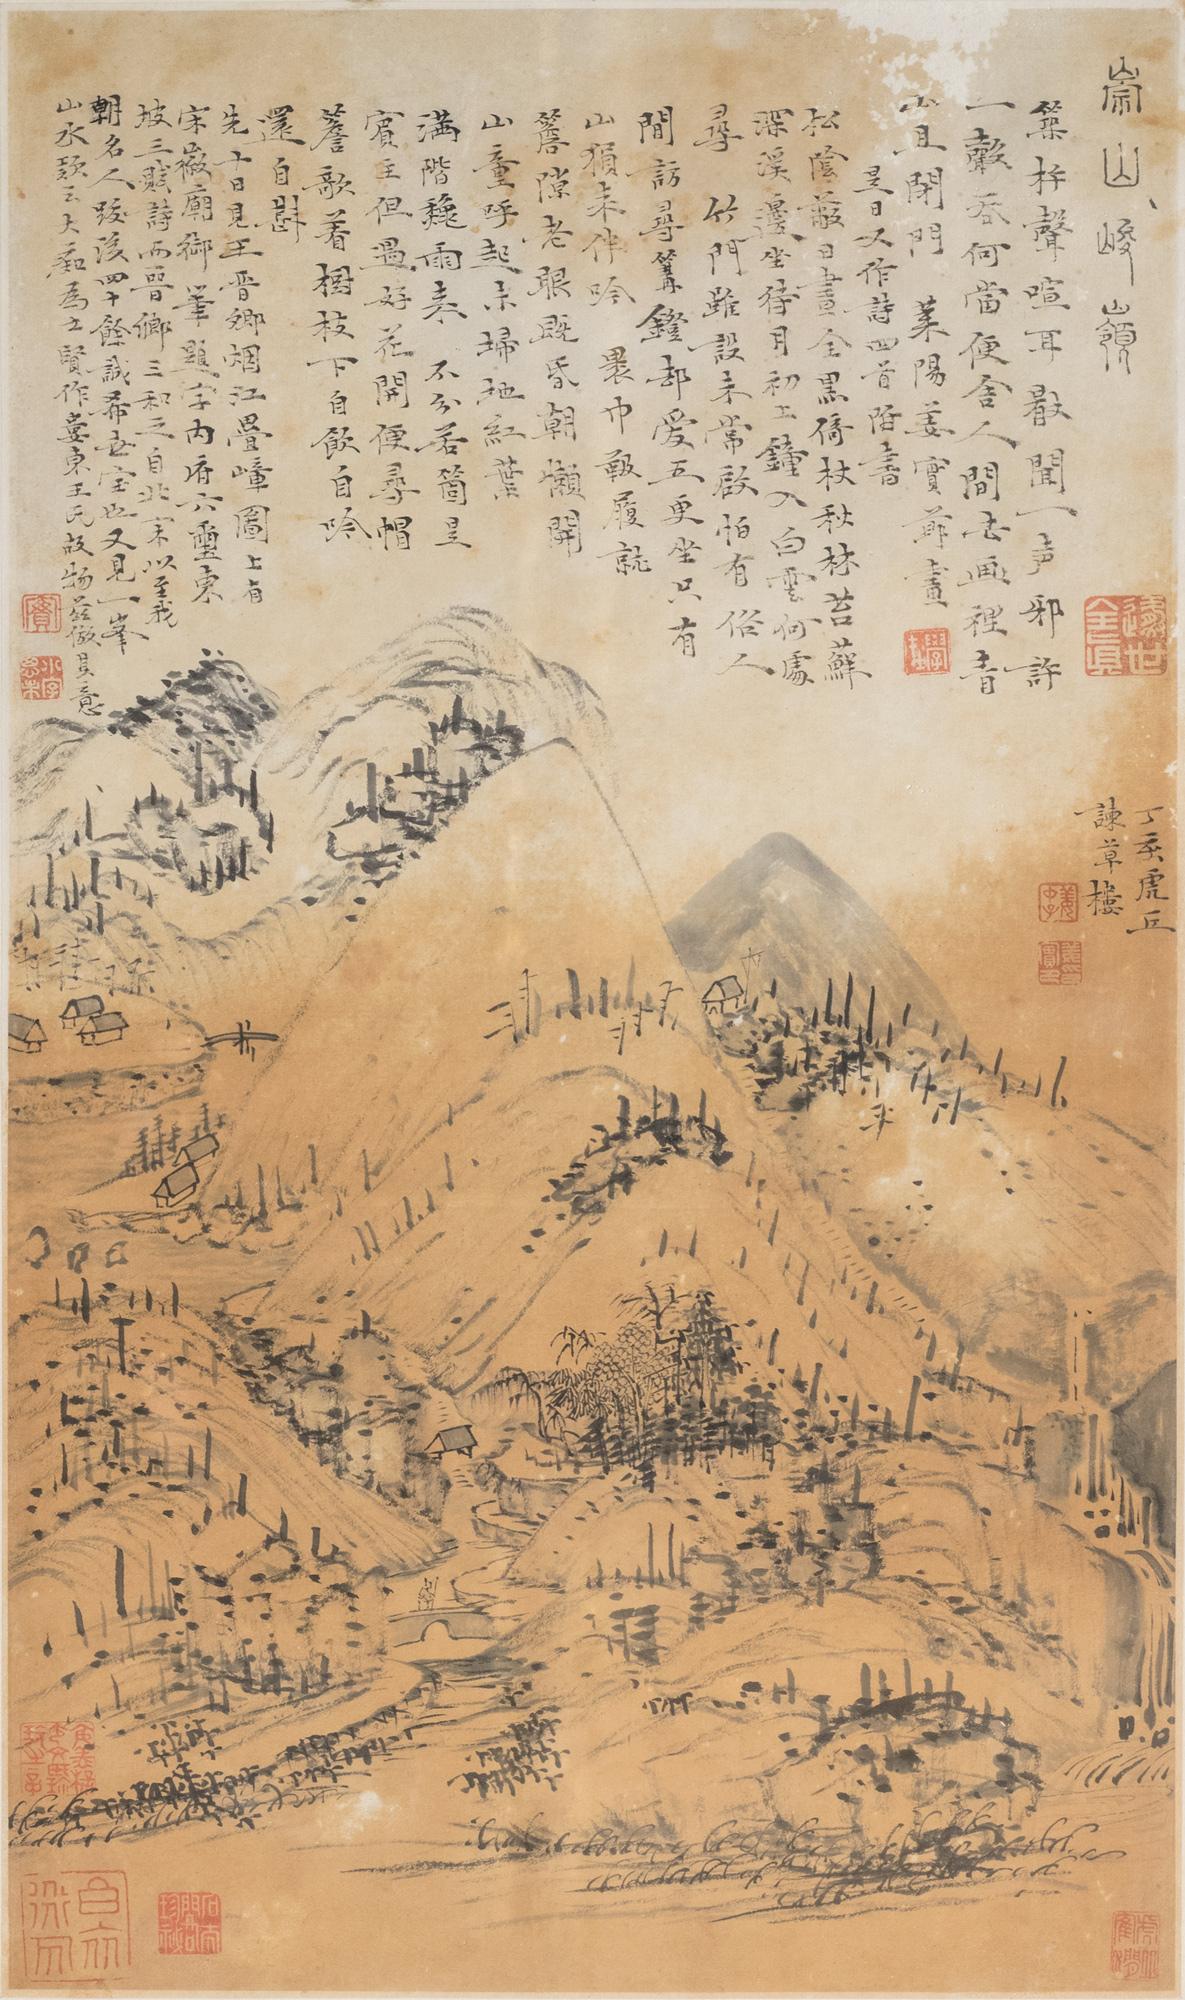 Antico dipinto cinese su carta raffigurante paesaggio montano, iscrizioni e timbri